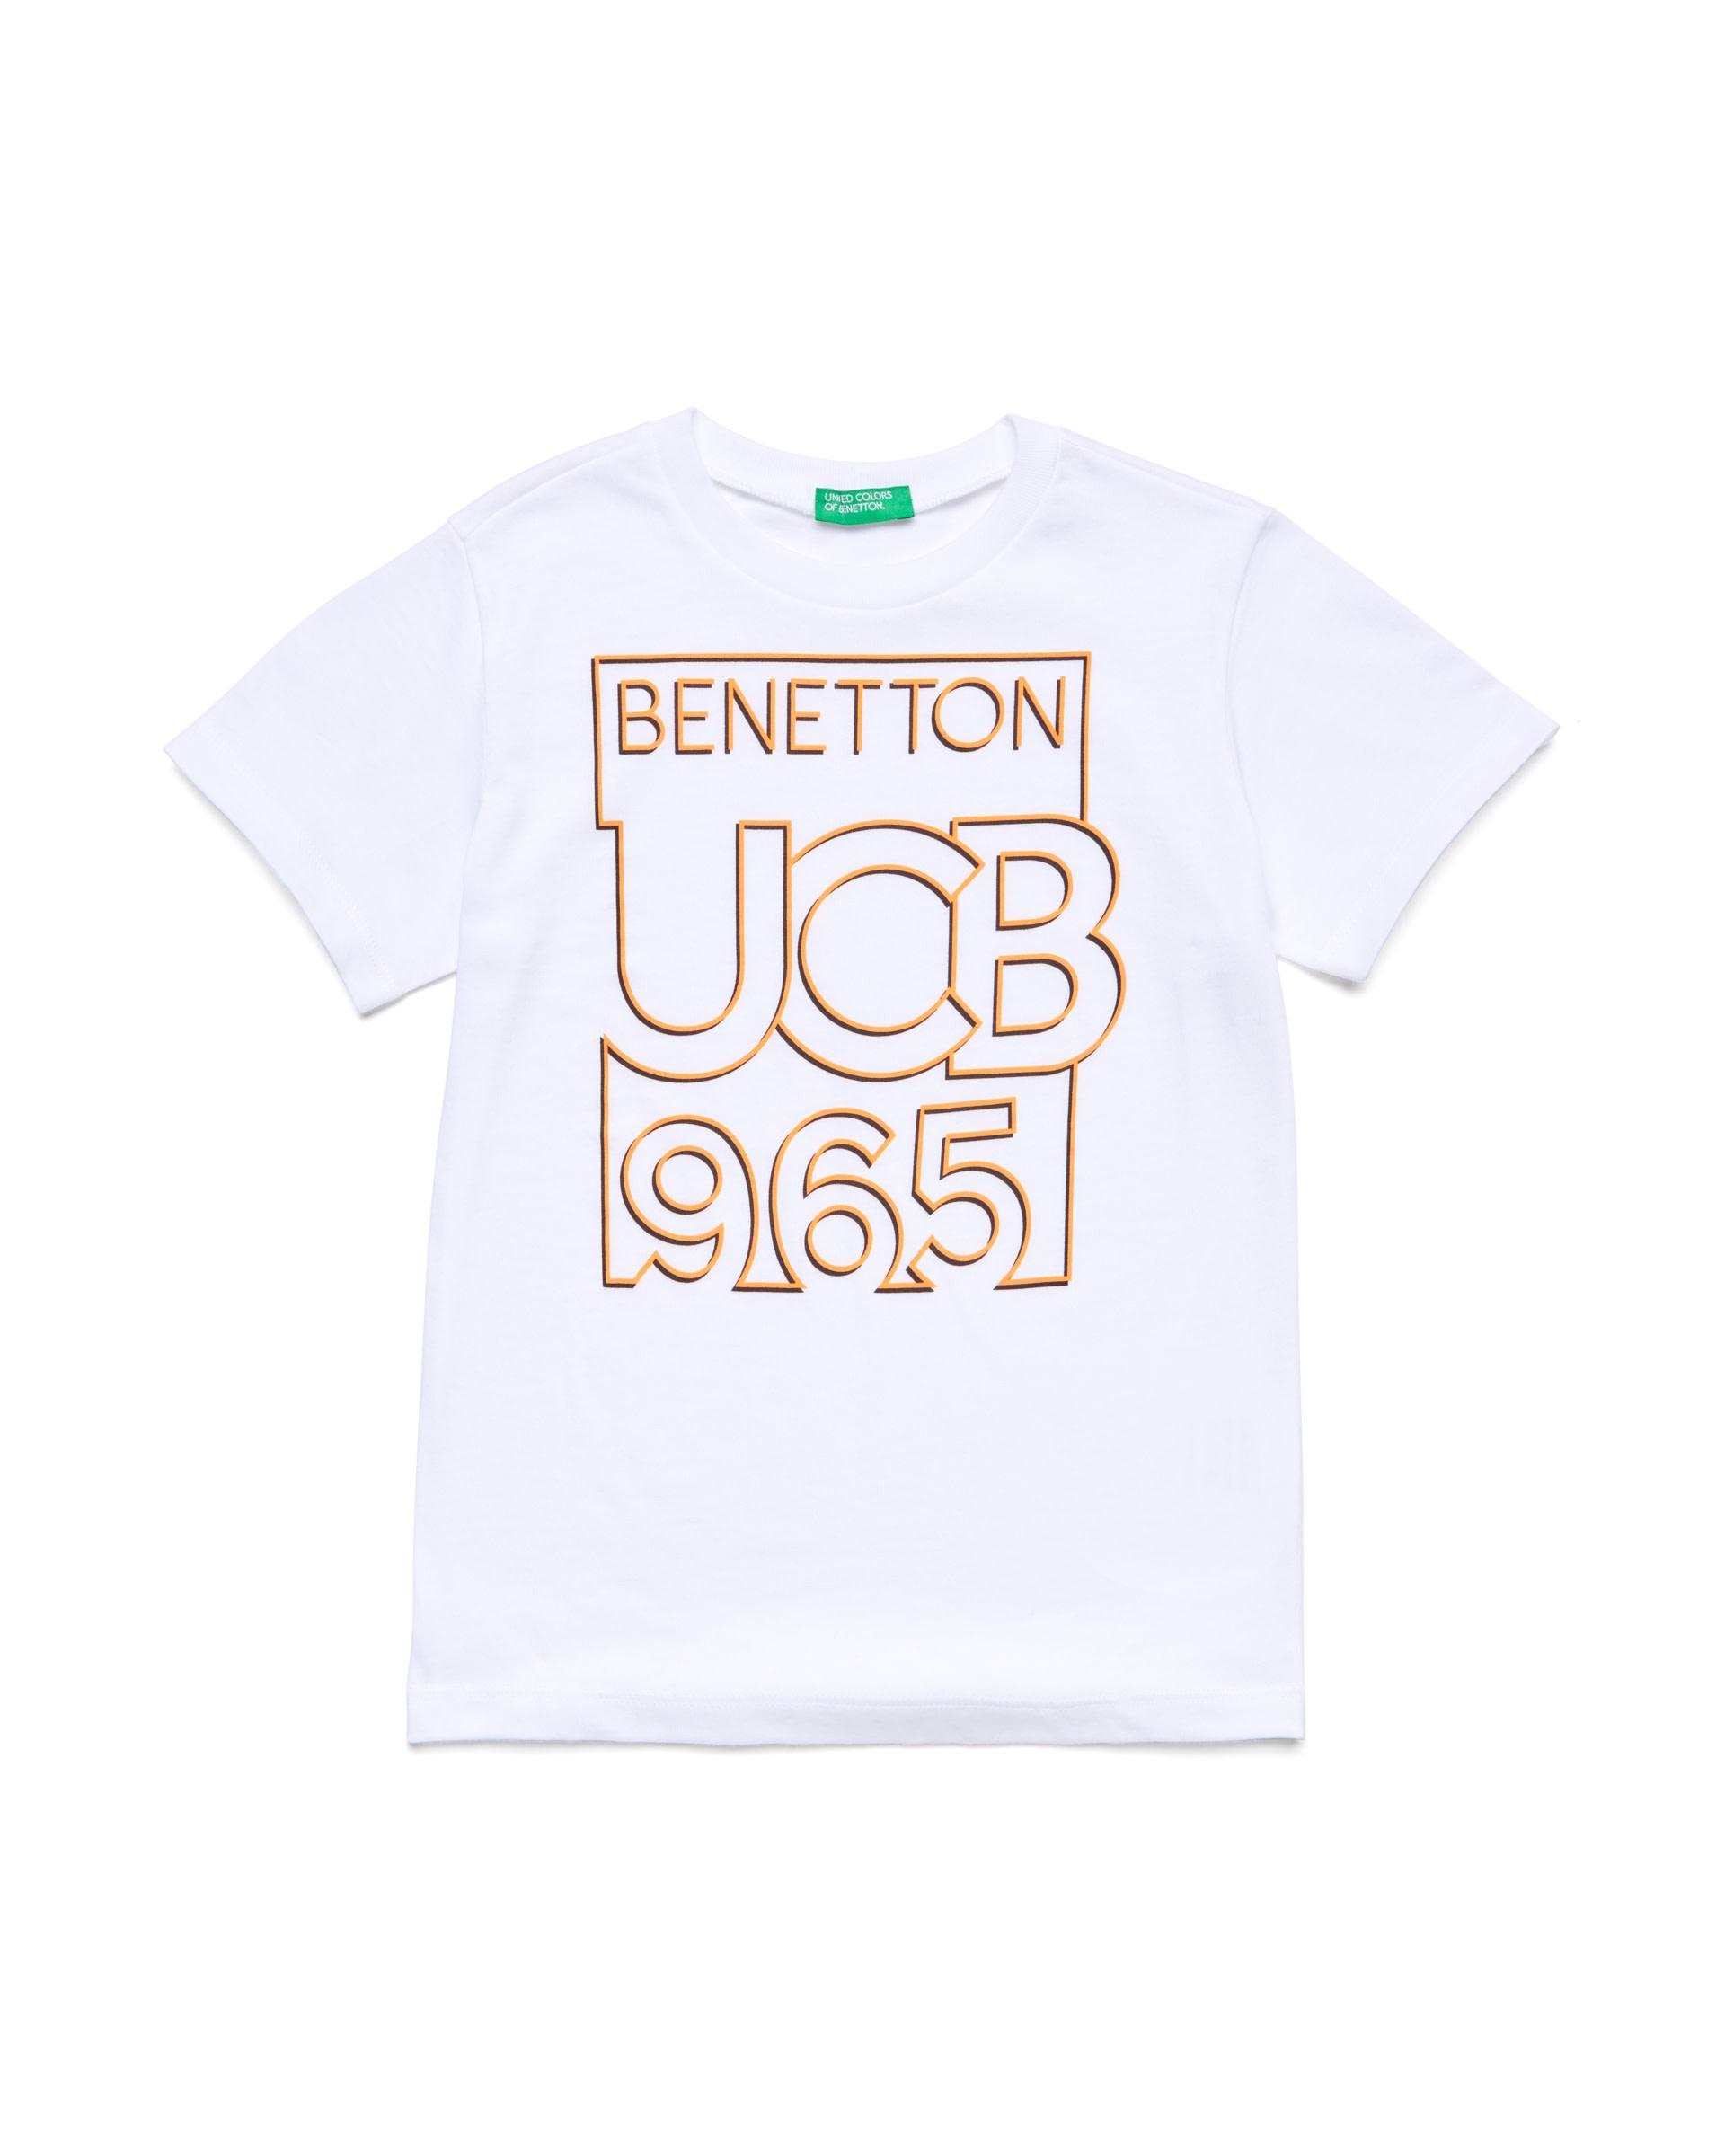 Купить 20P_3096C14PI_101, Футболка для мальчиков Benetton 3096C14PI_101 р-р 170, United Colors of Benetton, Футболки для мальчиков